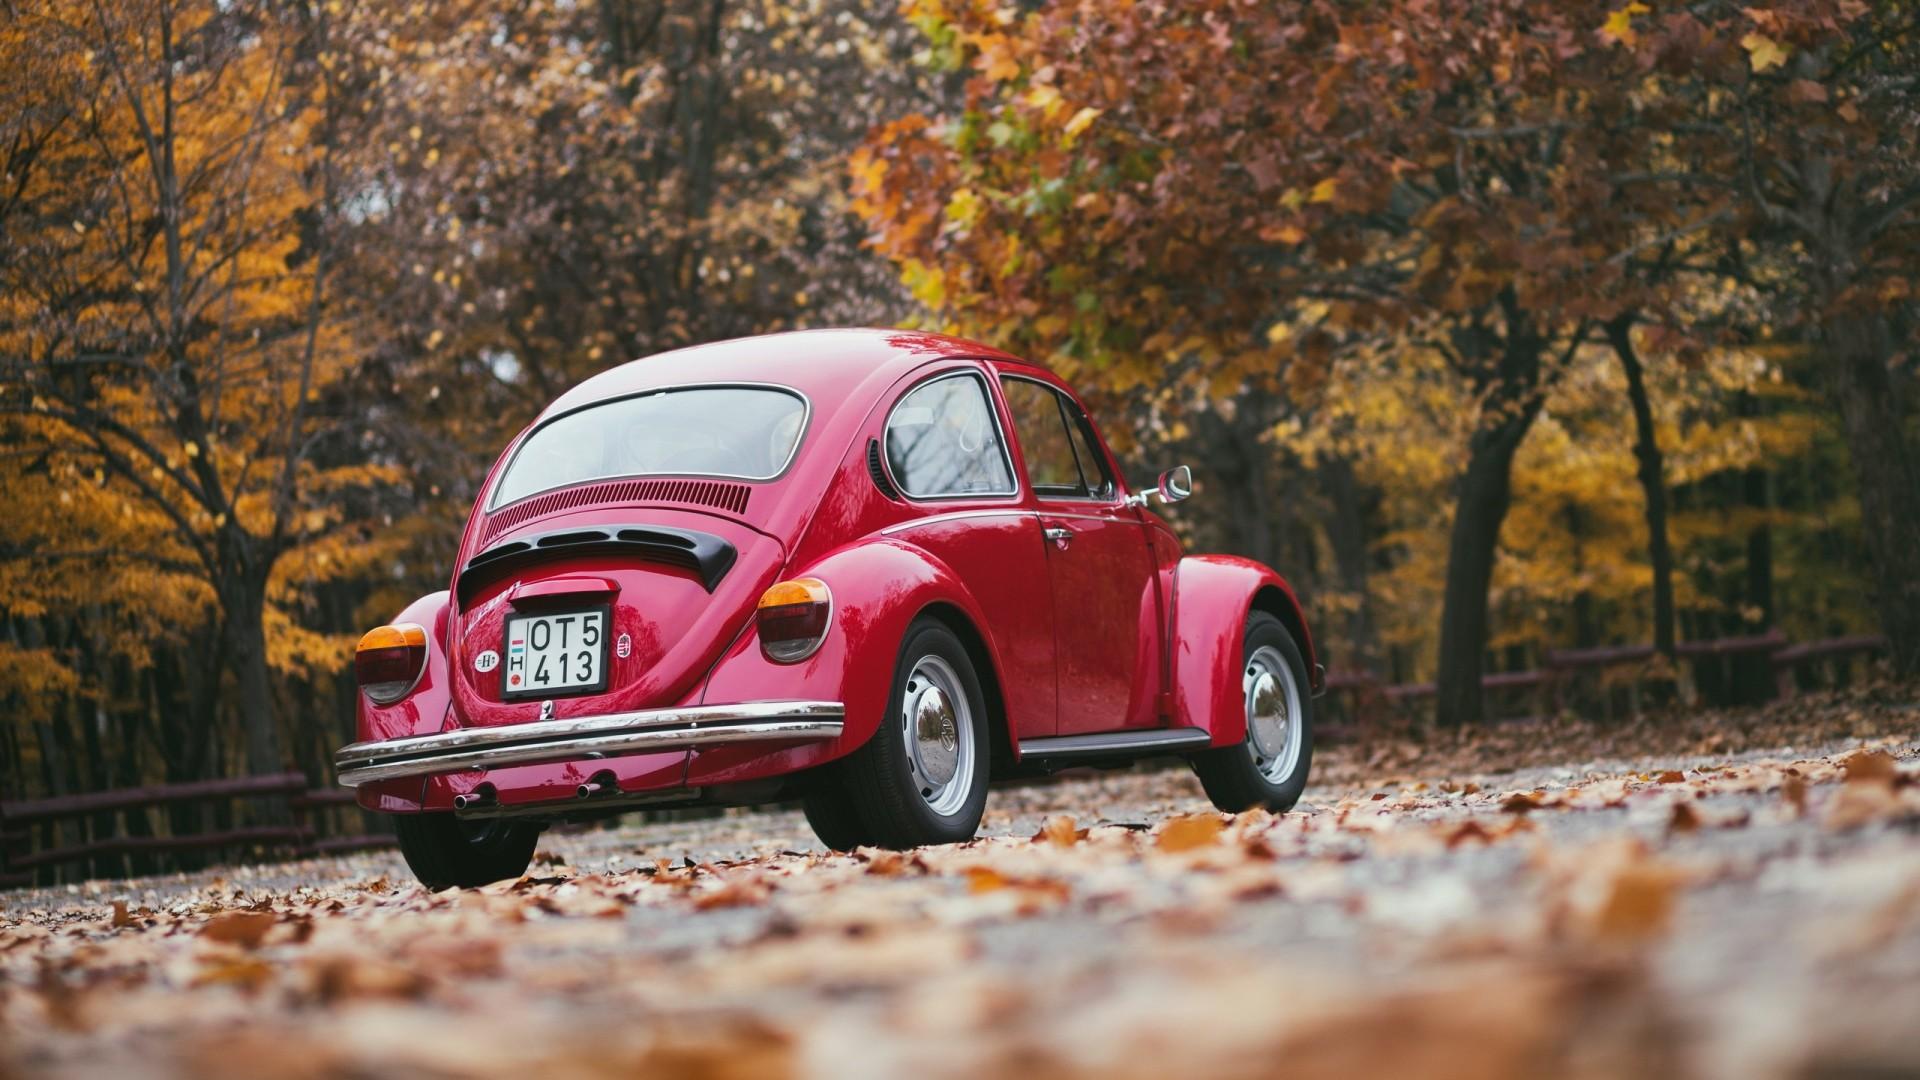 Wallpaper volkswagen, red, rear view